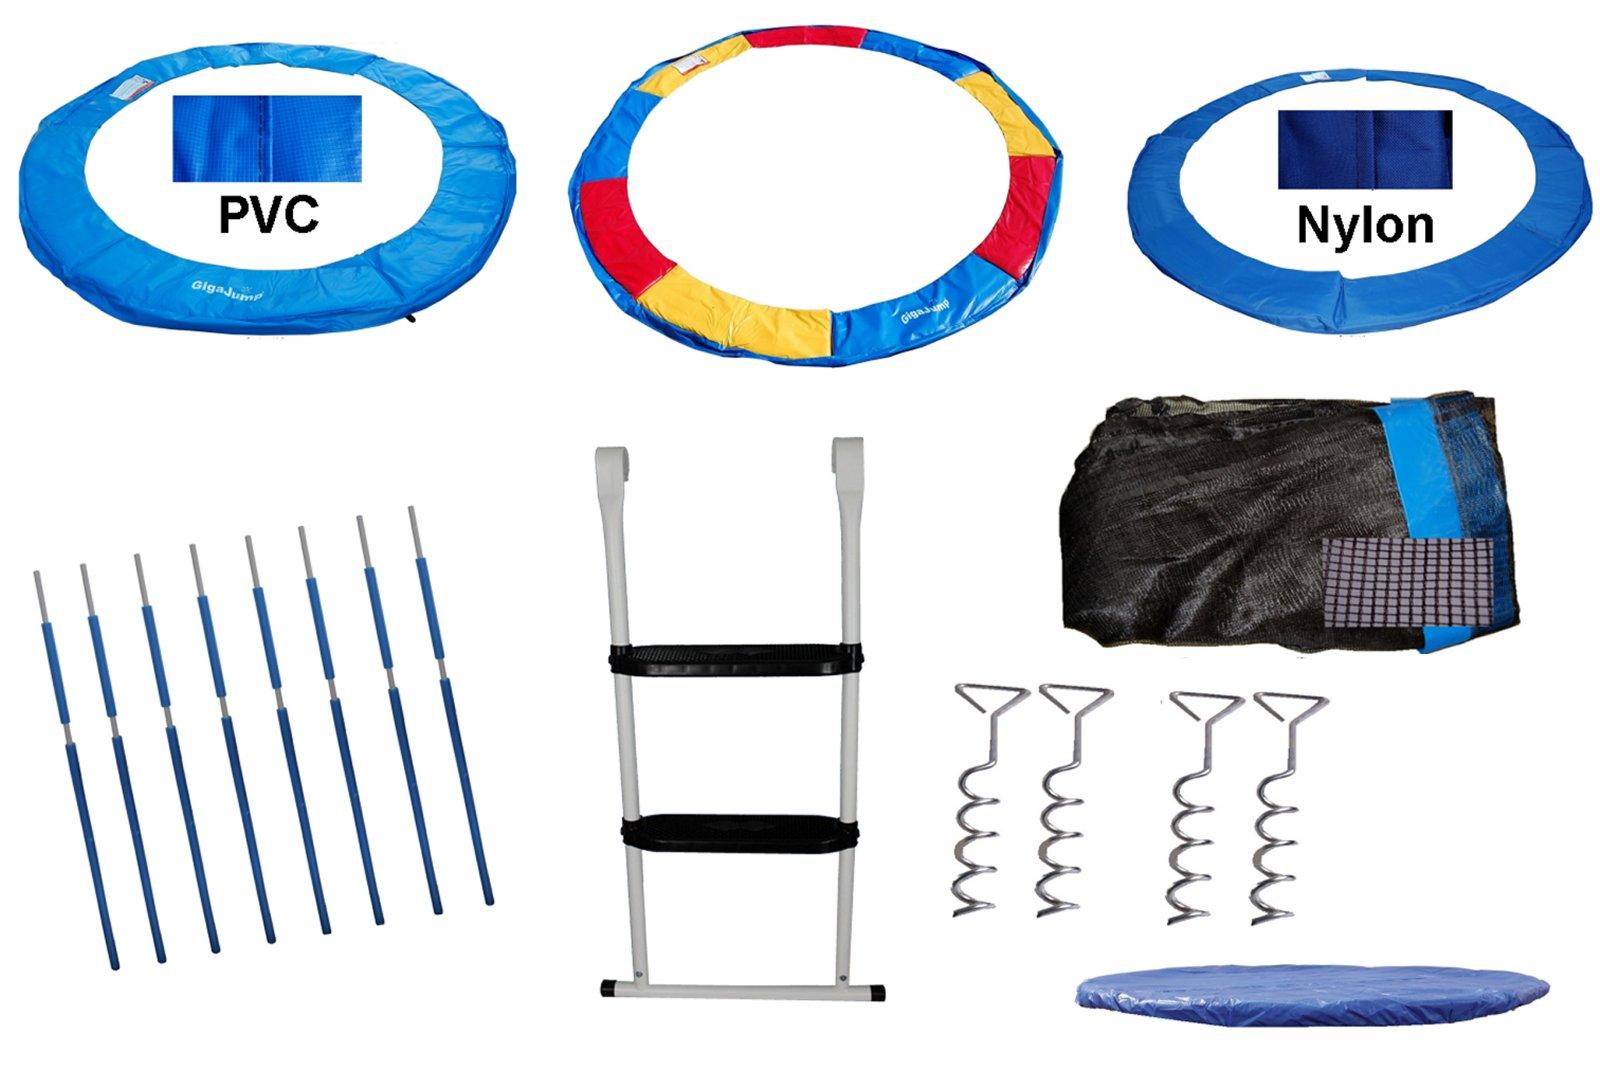 trampolin ersatzteile zubeh r netz randabdeckung abdeckplane leiter pvc bunt uvm ebay. Black Bedroom Furniture Sets. Home Design Ideas